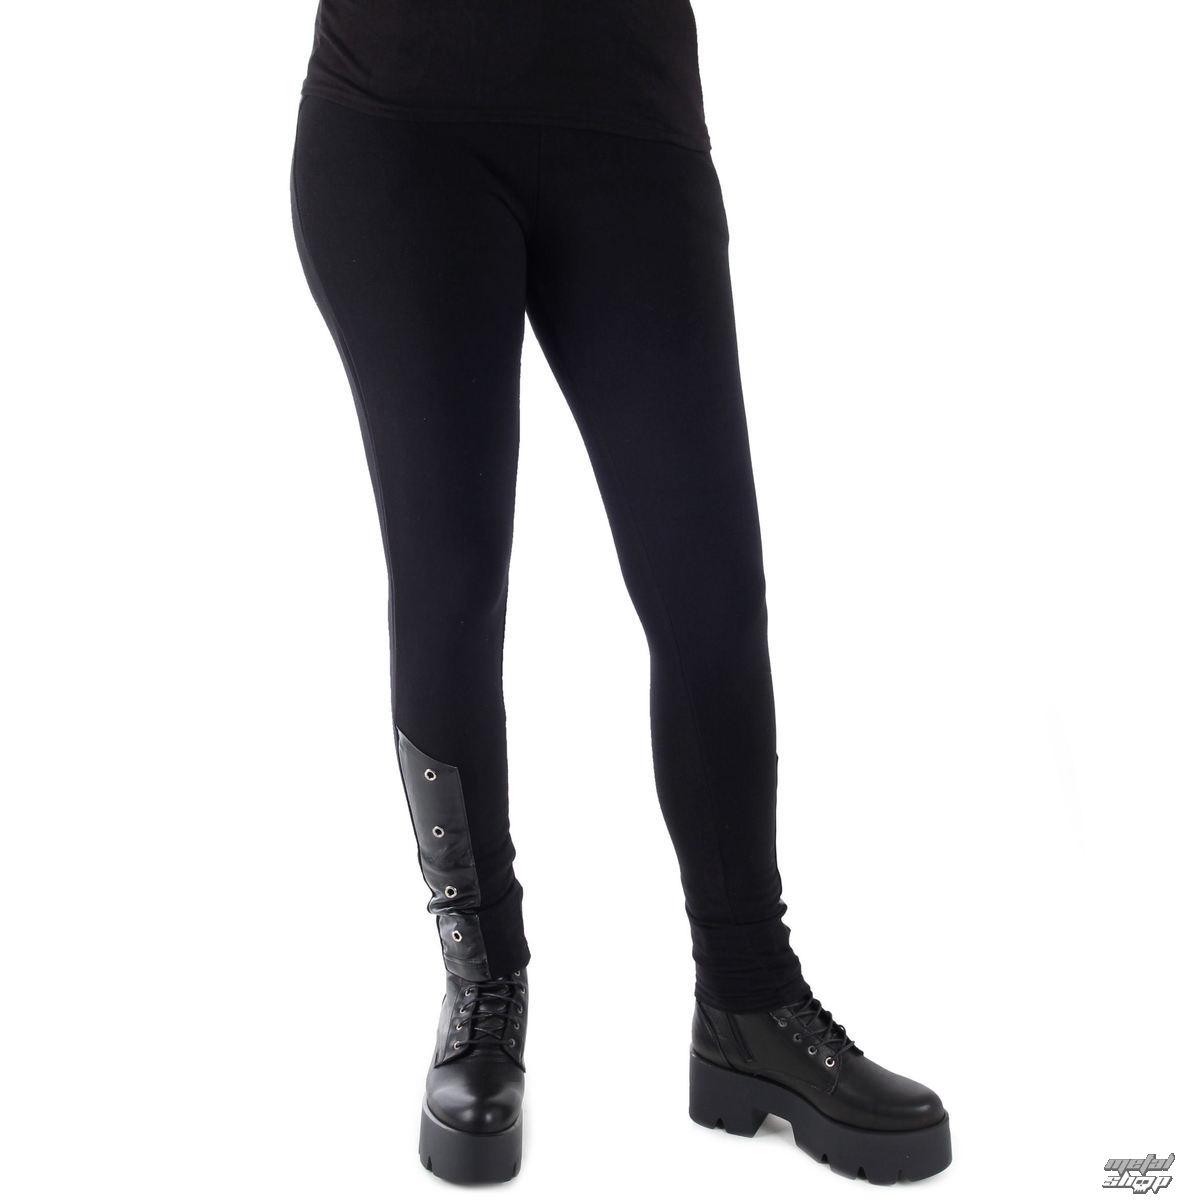 nohavice (legíny) dámske SPIRAL - Urban Fashion - P004G458